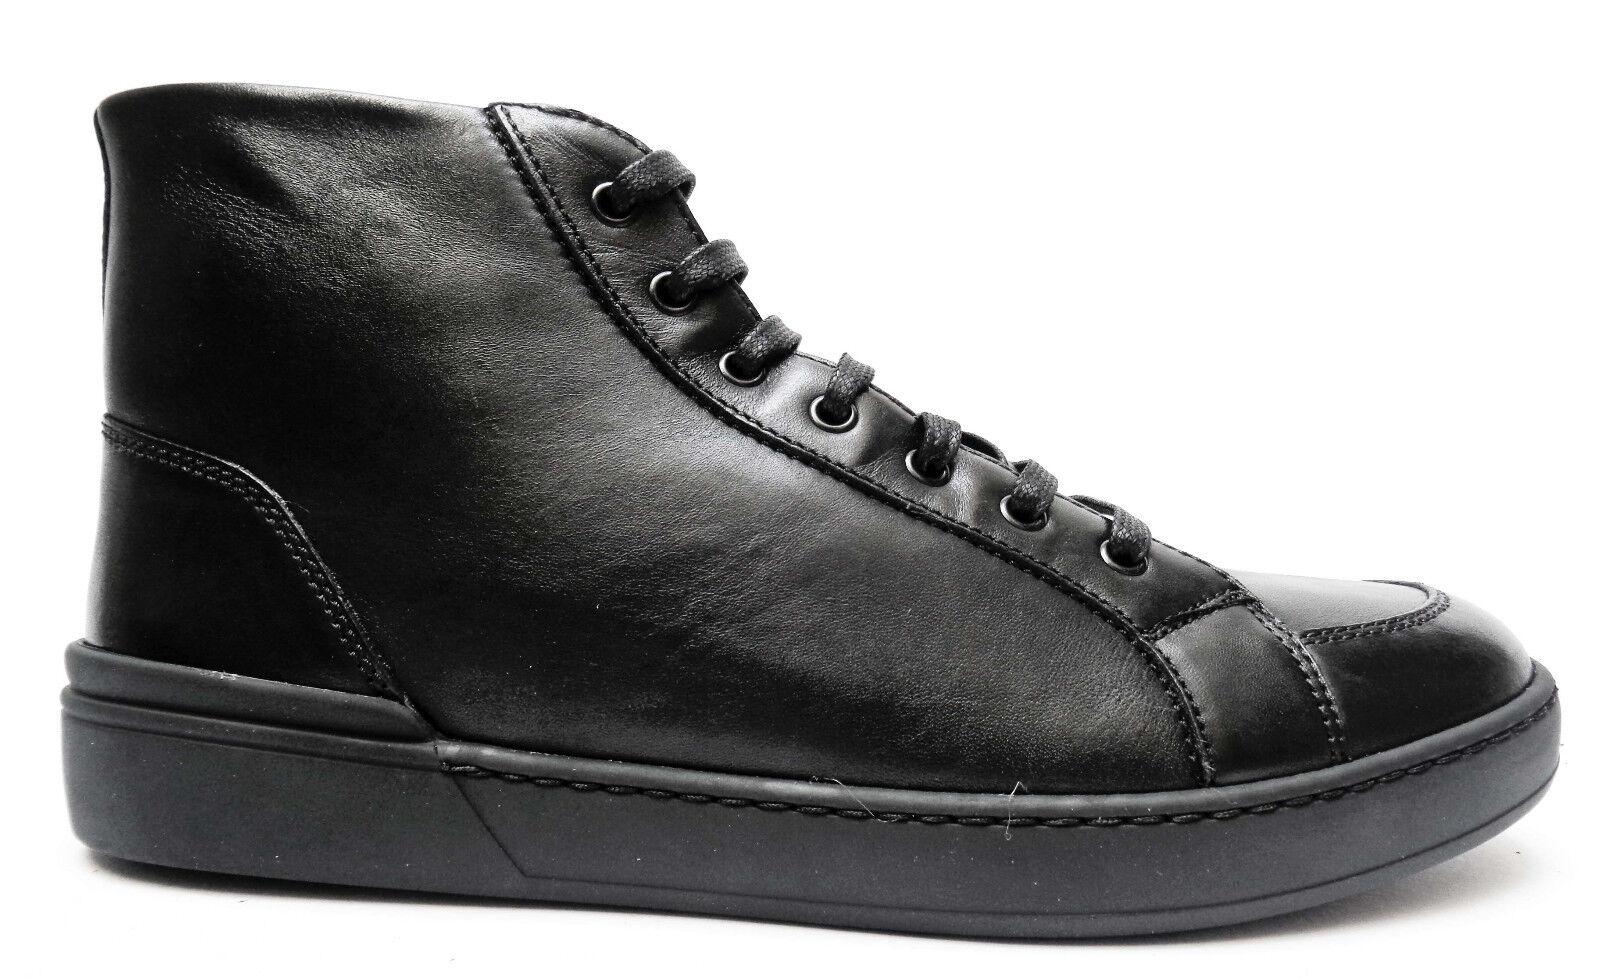 shoes DA men FRAU 20M3 shoes ALTE STRINGATE IN PELLE COL. black